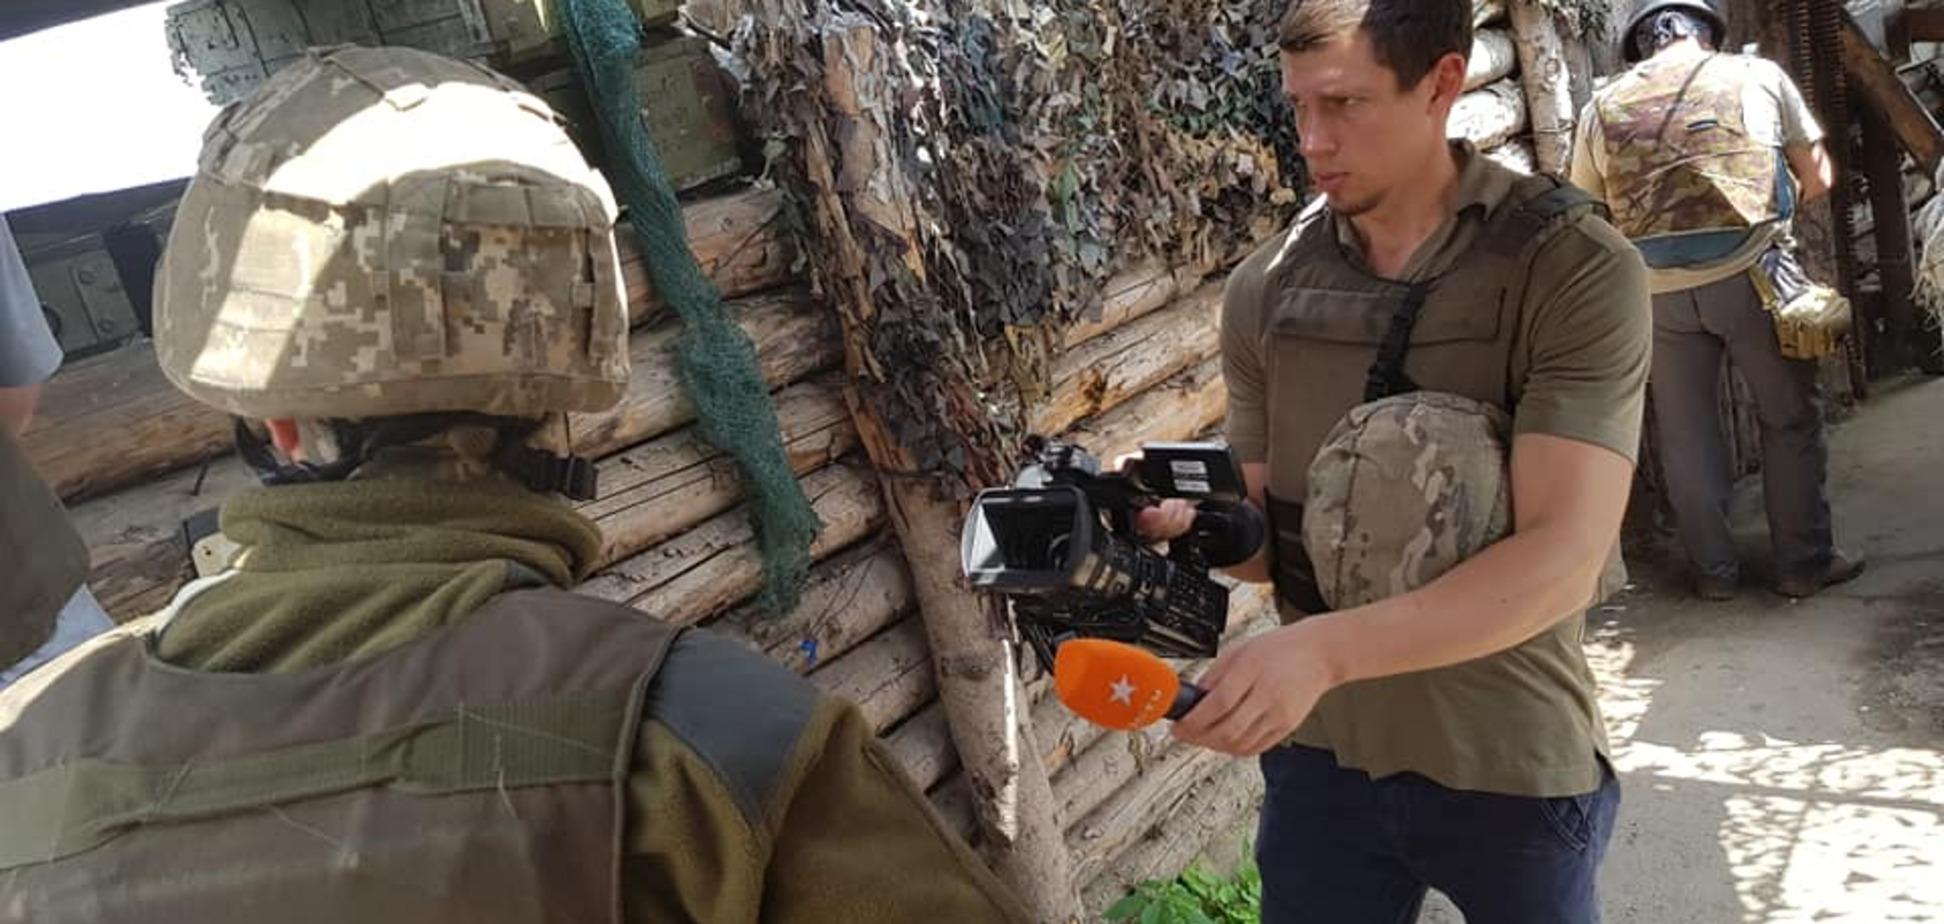 Розстріляли будинки: журналіст зворушив розповіддю про знищенну сім'ю на Донбасі